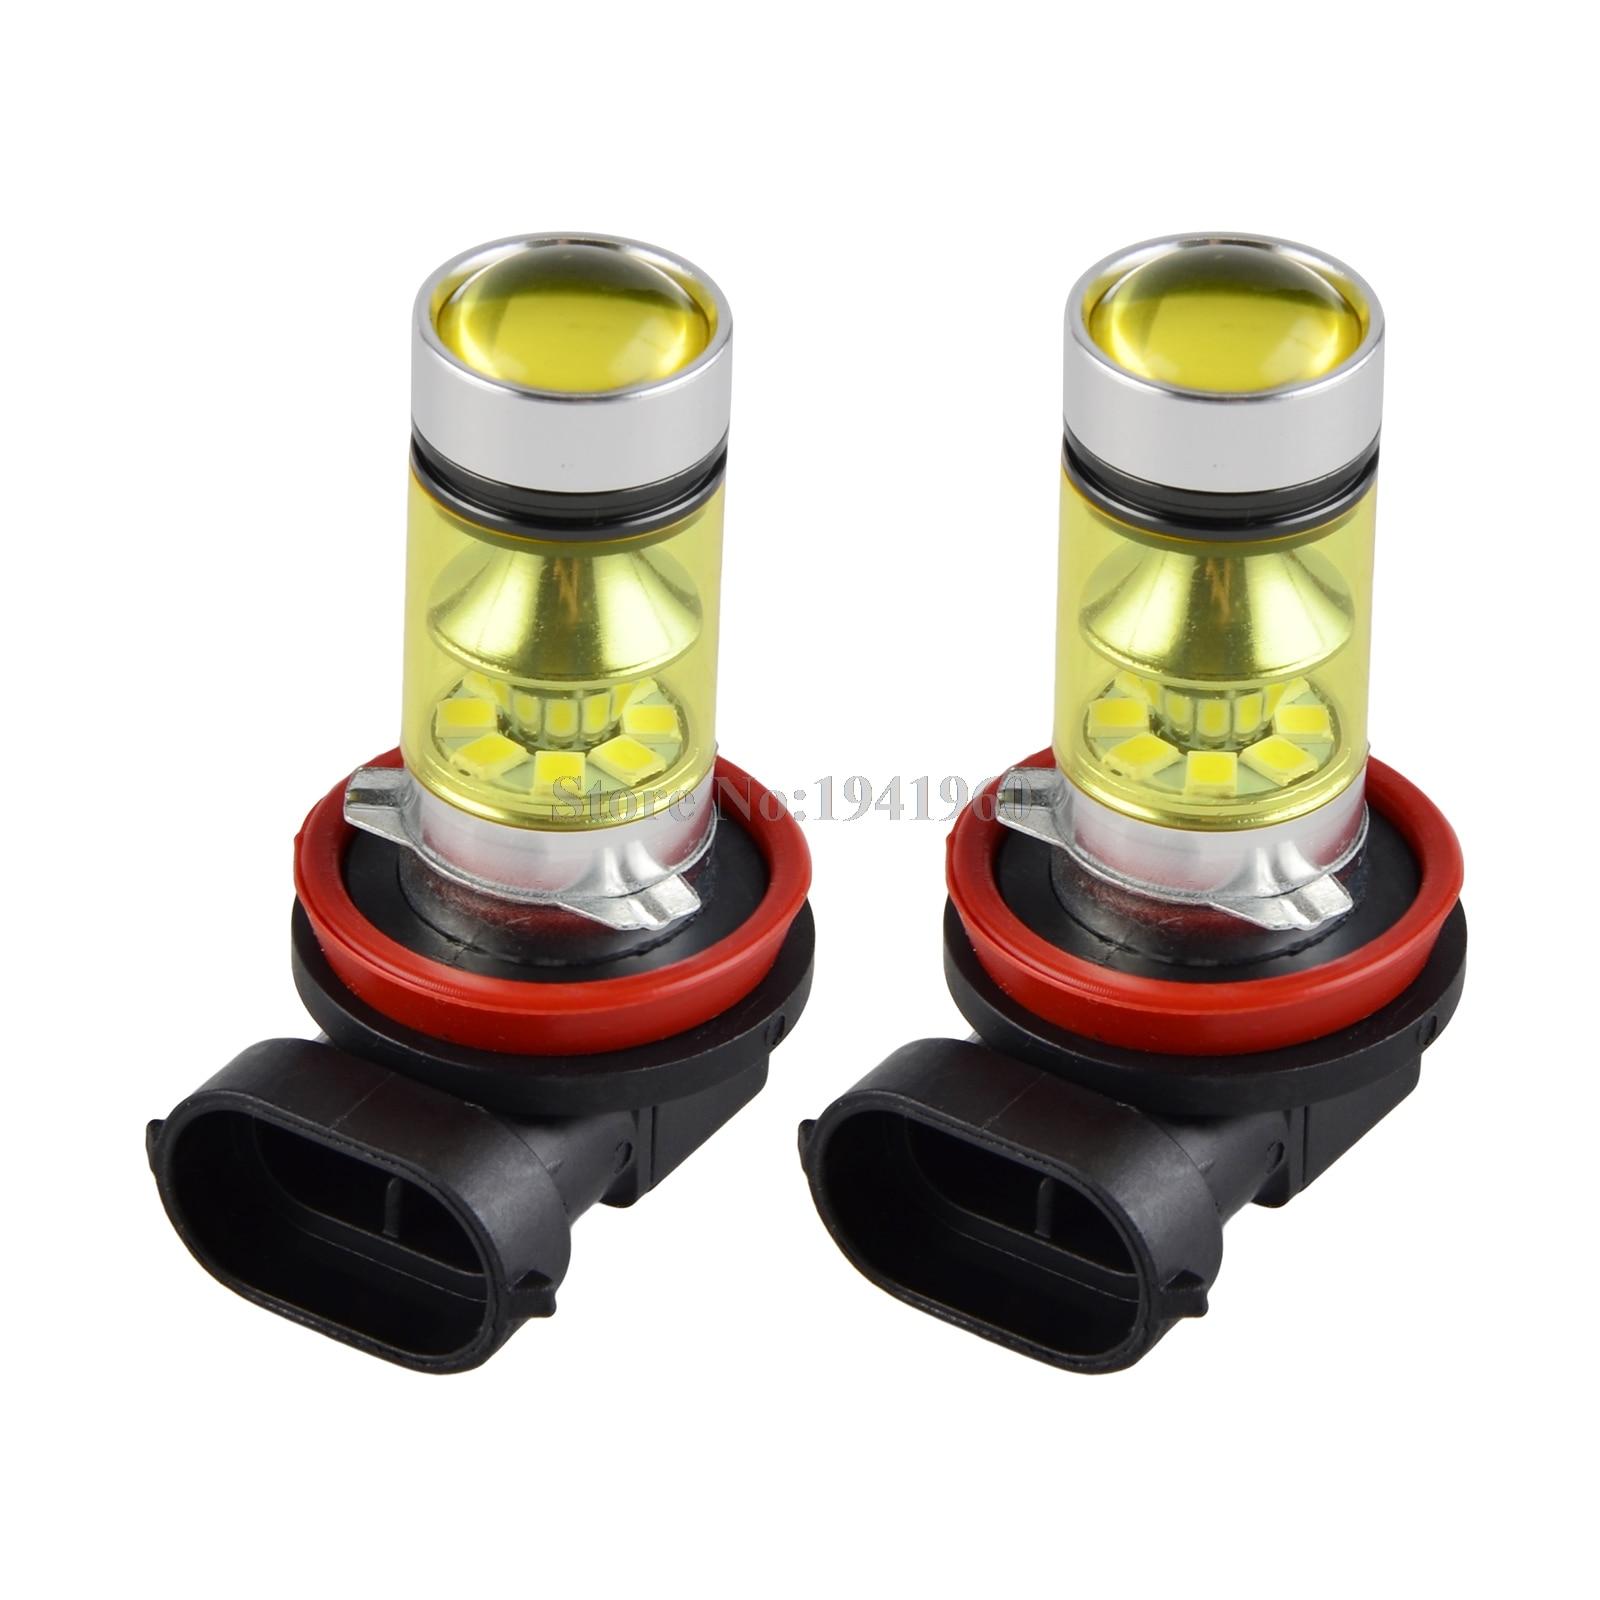 Nicecnc H8 H9 <font><b>H11</b></font> 100 Вт 4300 К желтый светодиод автомобилей туман лампа Габаритные огни вождения проектор Лампы для мотоциклов DRL 12 в-28 В 24 В 1500lm